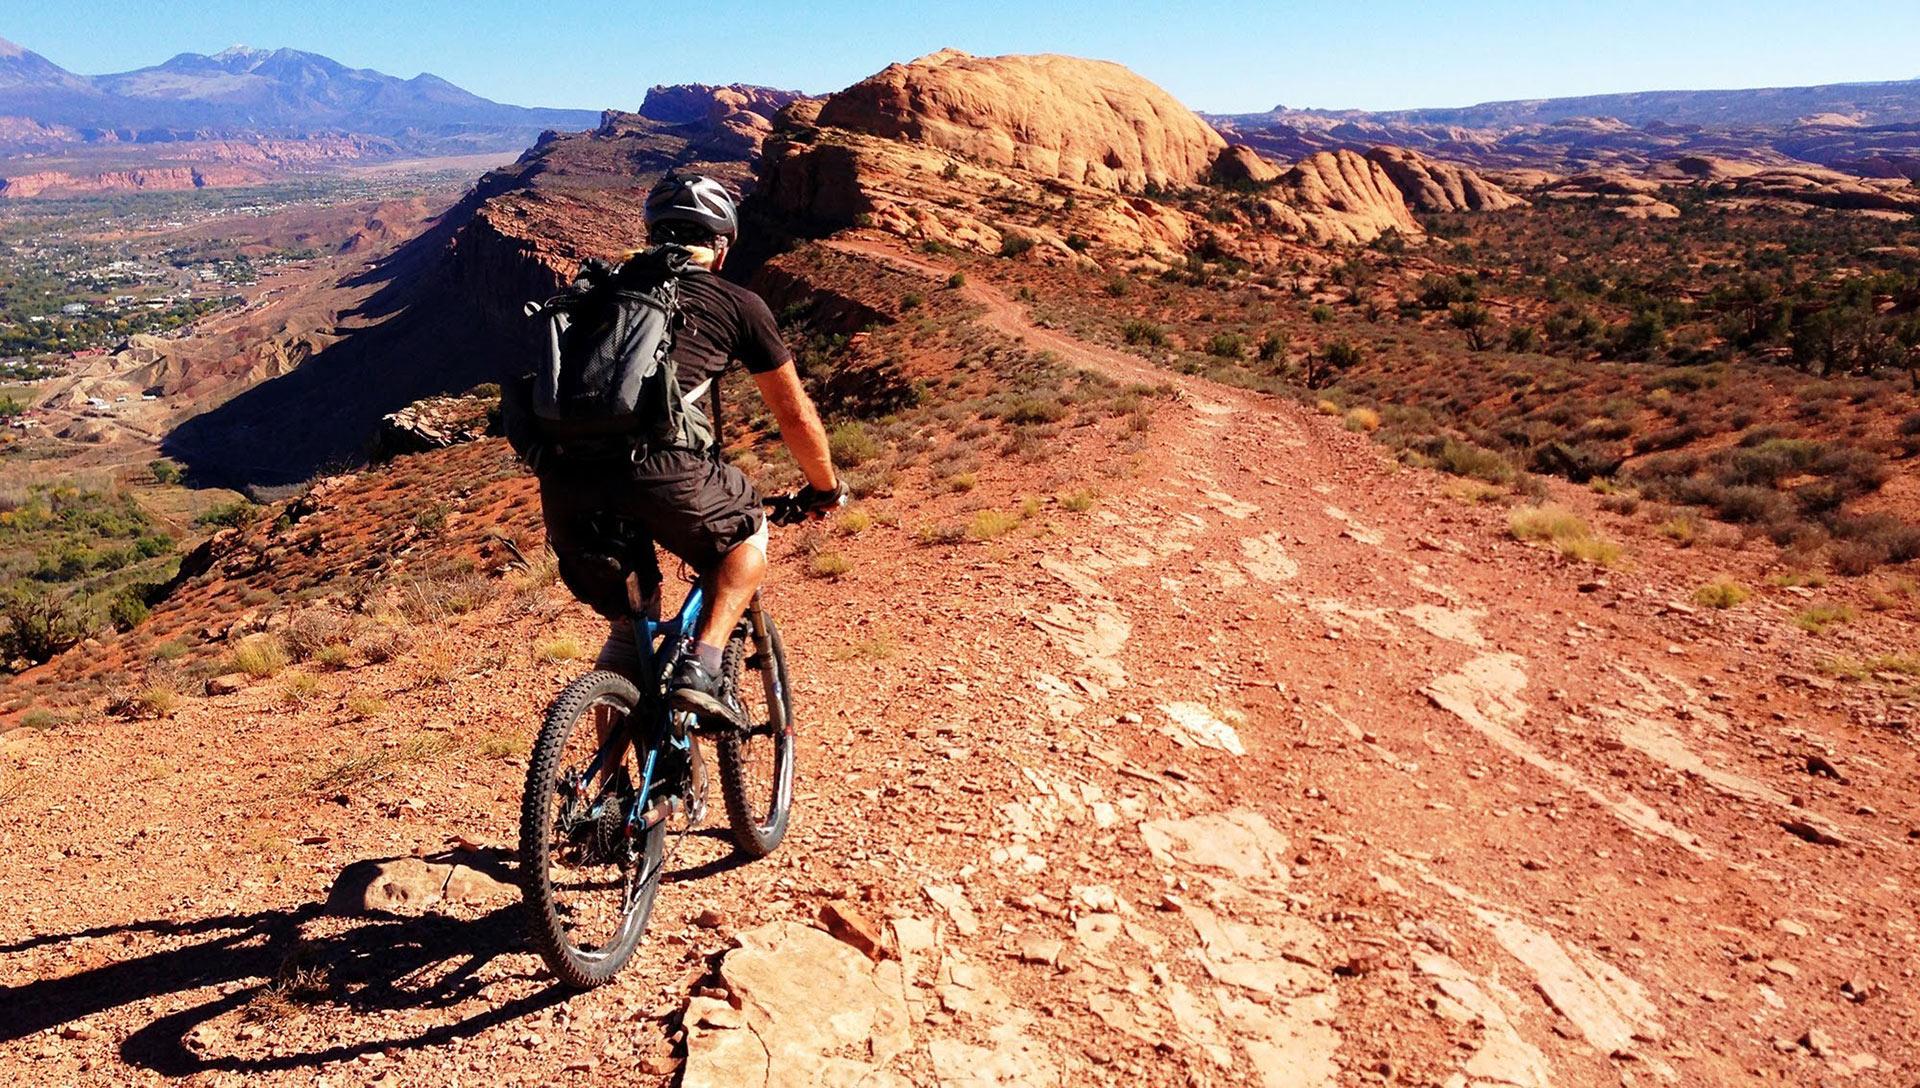 Mountainbike trails: Moab